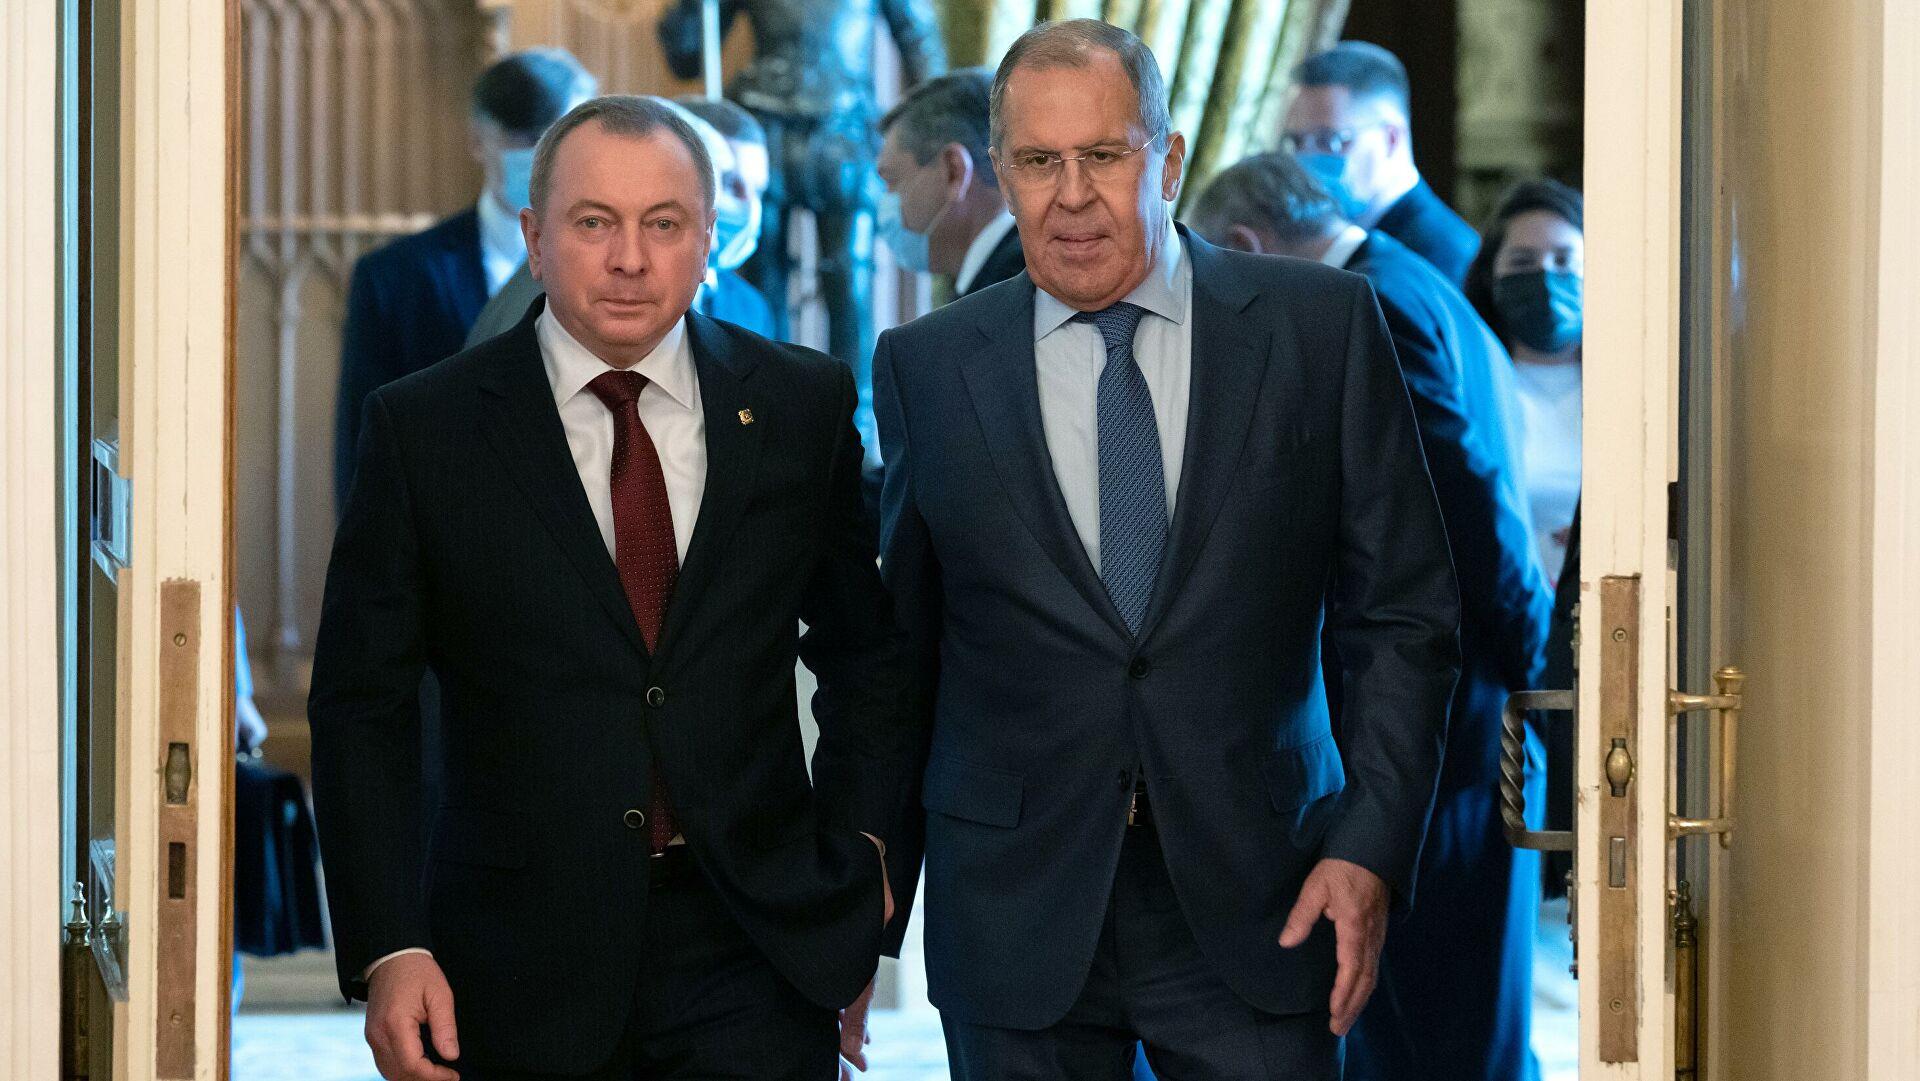 Лавров: Узимајући у обзир отворено агресивну линију Запада, Русија и Белорусија координишу напоре у циљу јачања државног суверенитета